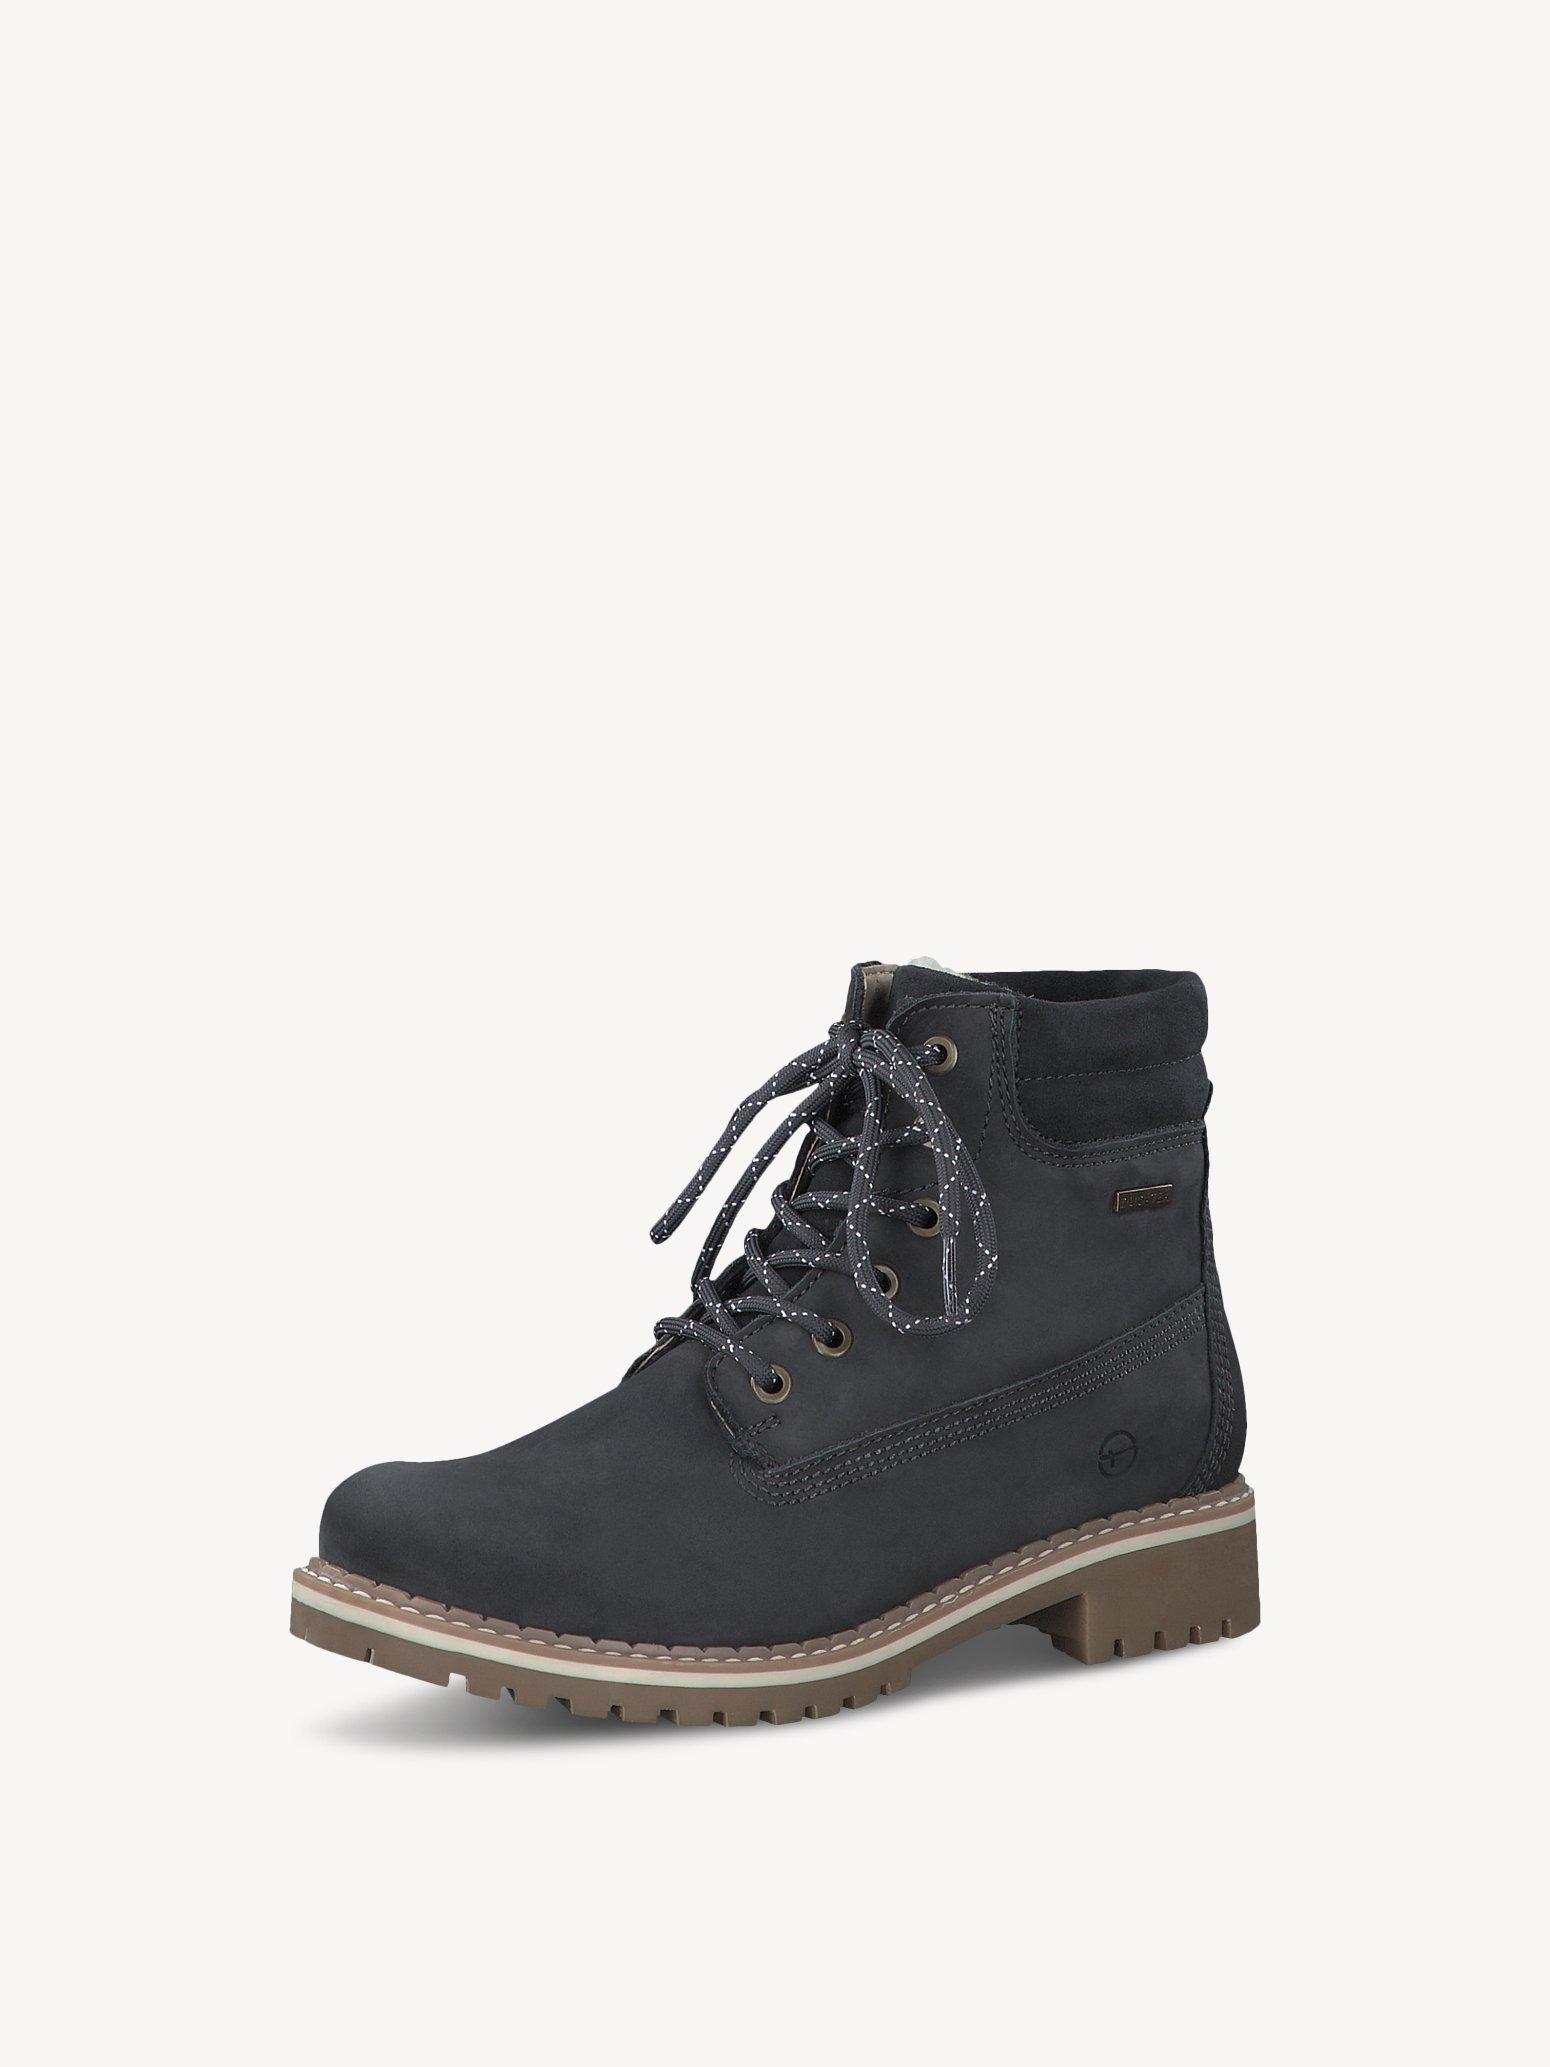 Ботинки Tamaris 1-1-26244-27-805 фотография